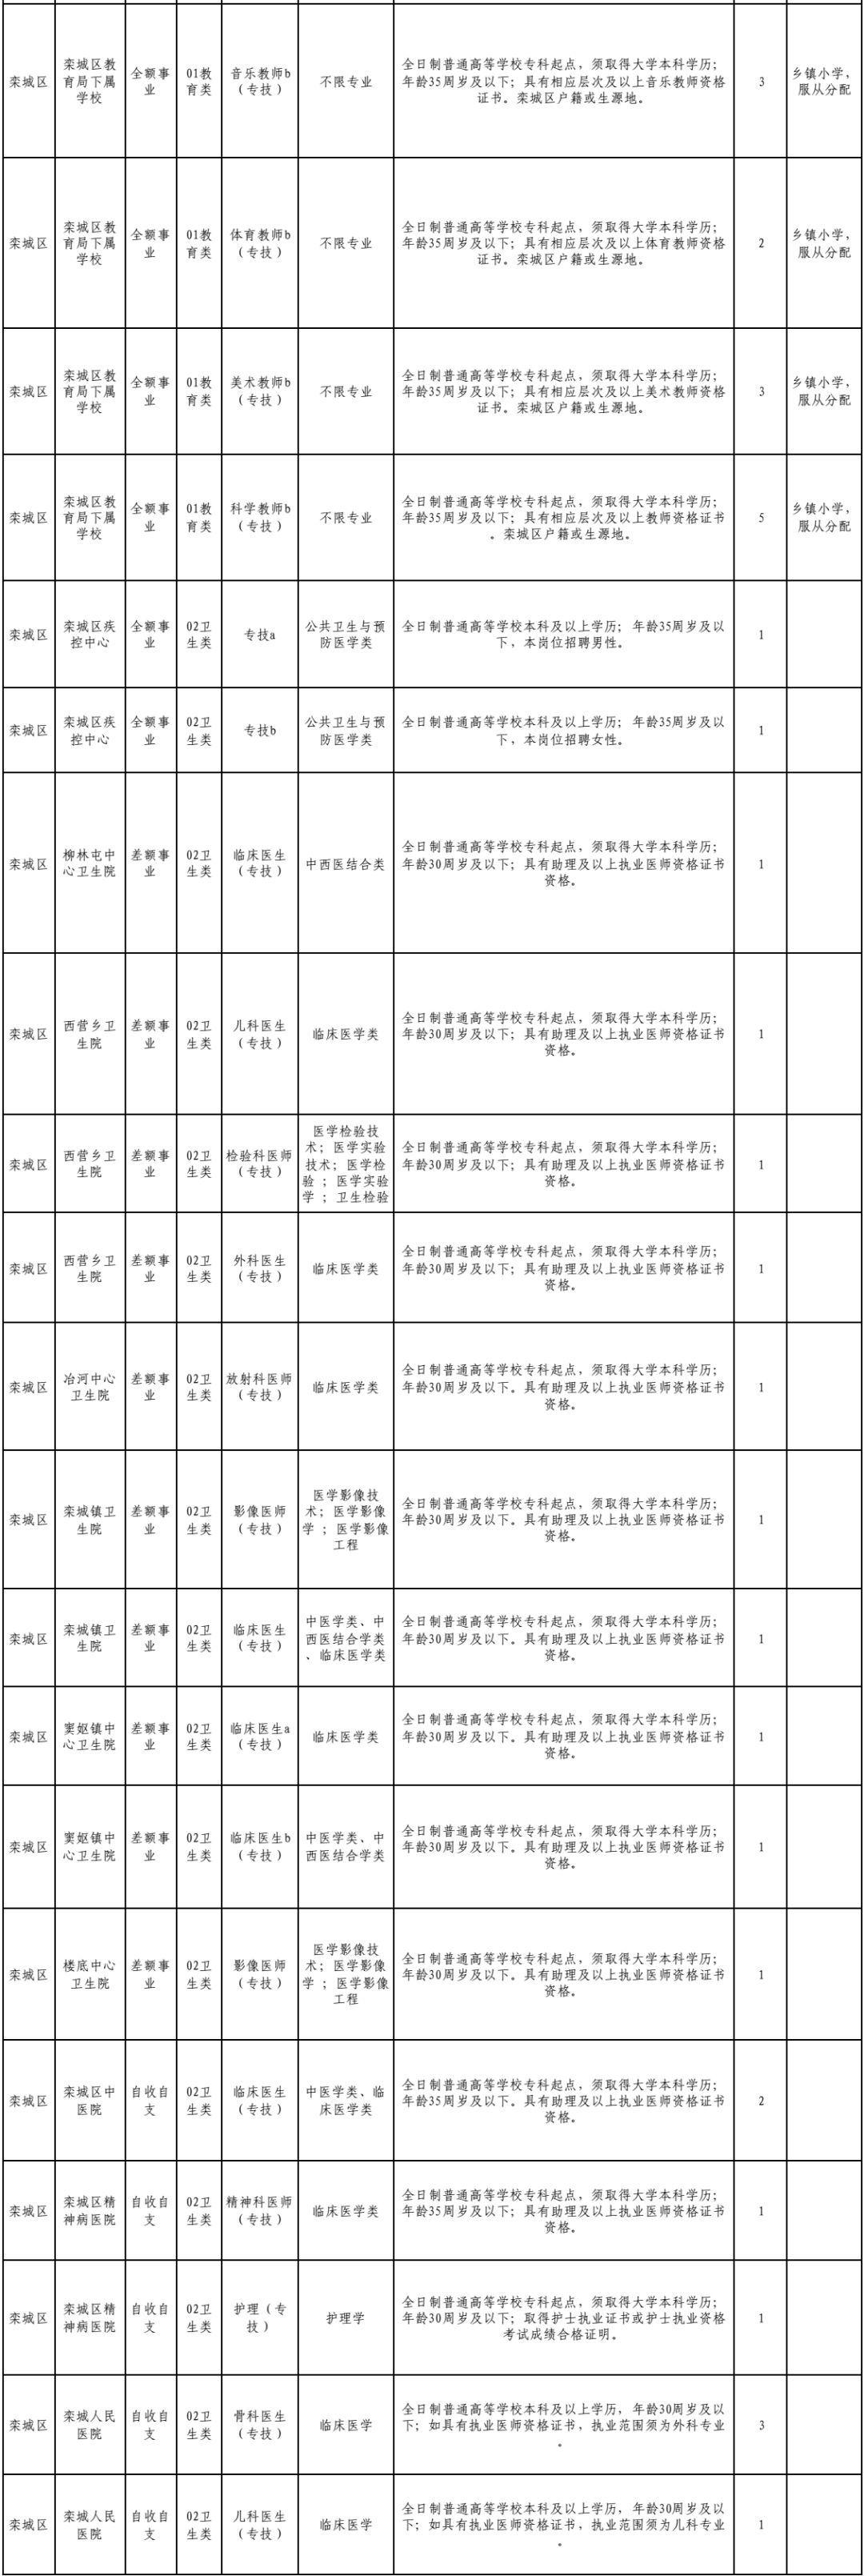 d7c43e1a5ca14a9ca7c4a1148b3bd5c4.jpeg